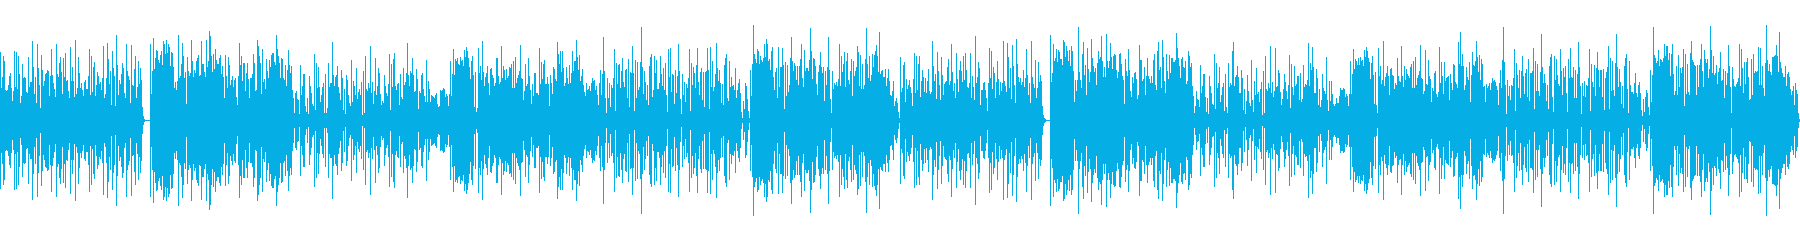 ピアノ・フルートで奏でるヒーリングBGMの再生済みの波形